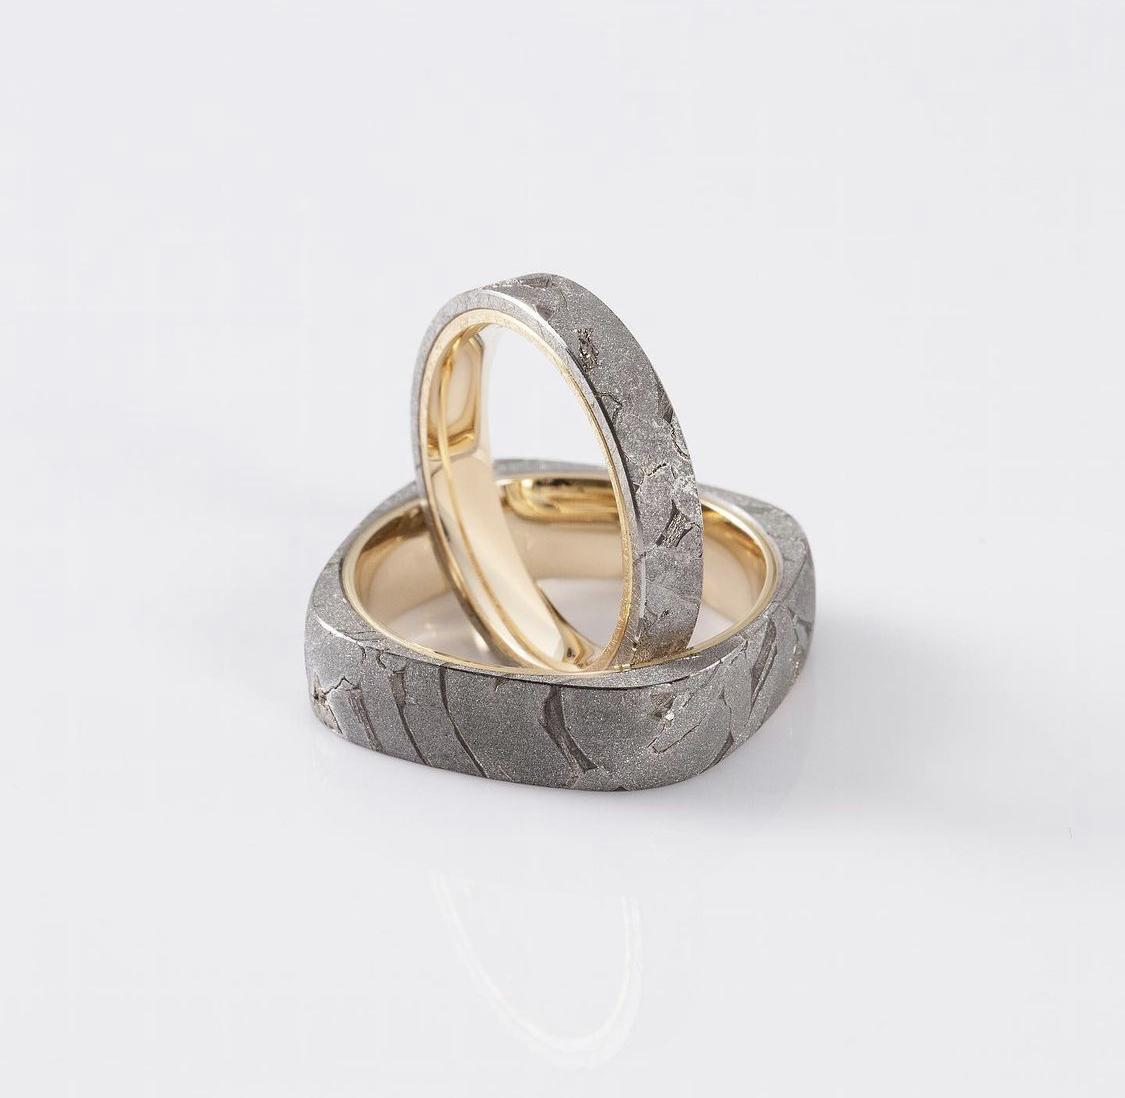 nhẫn cưới kiểu dáng đặc biệt